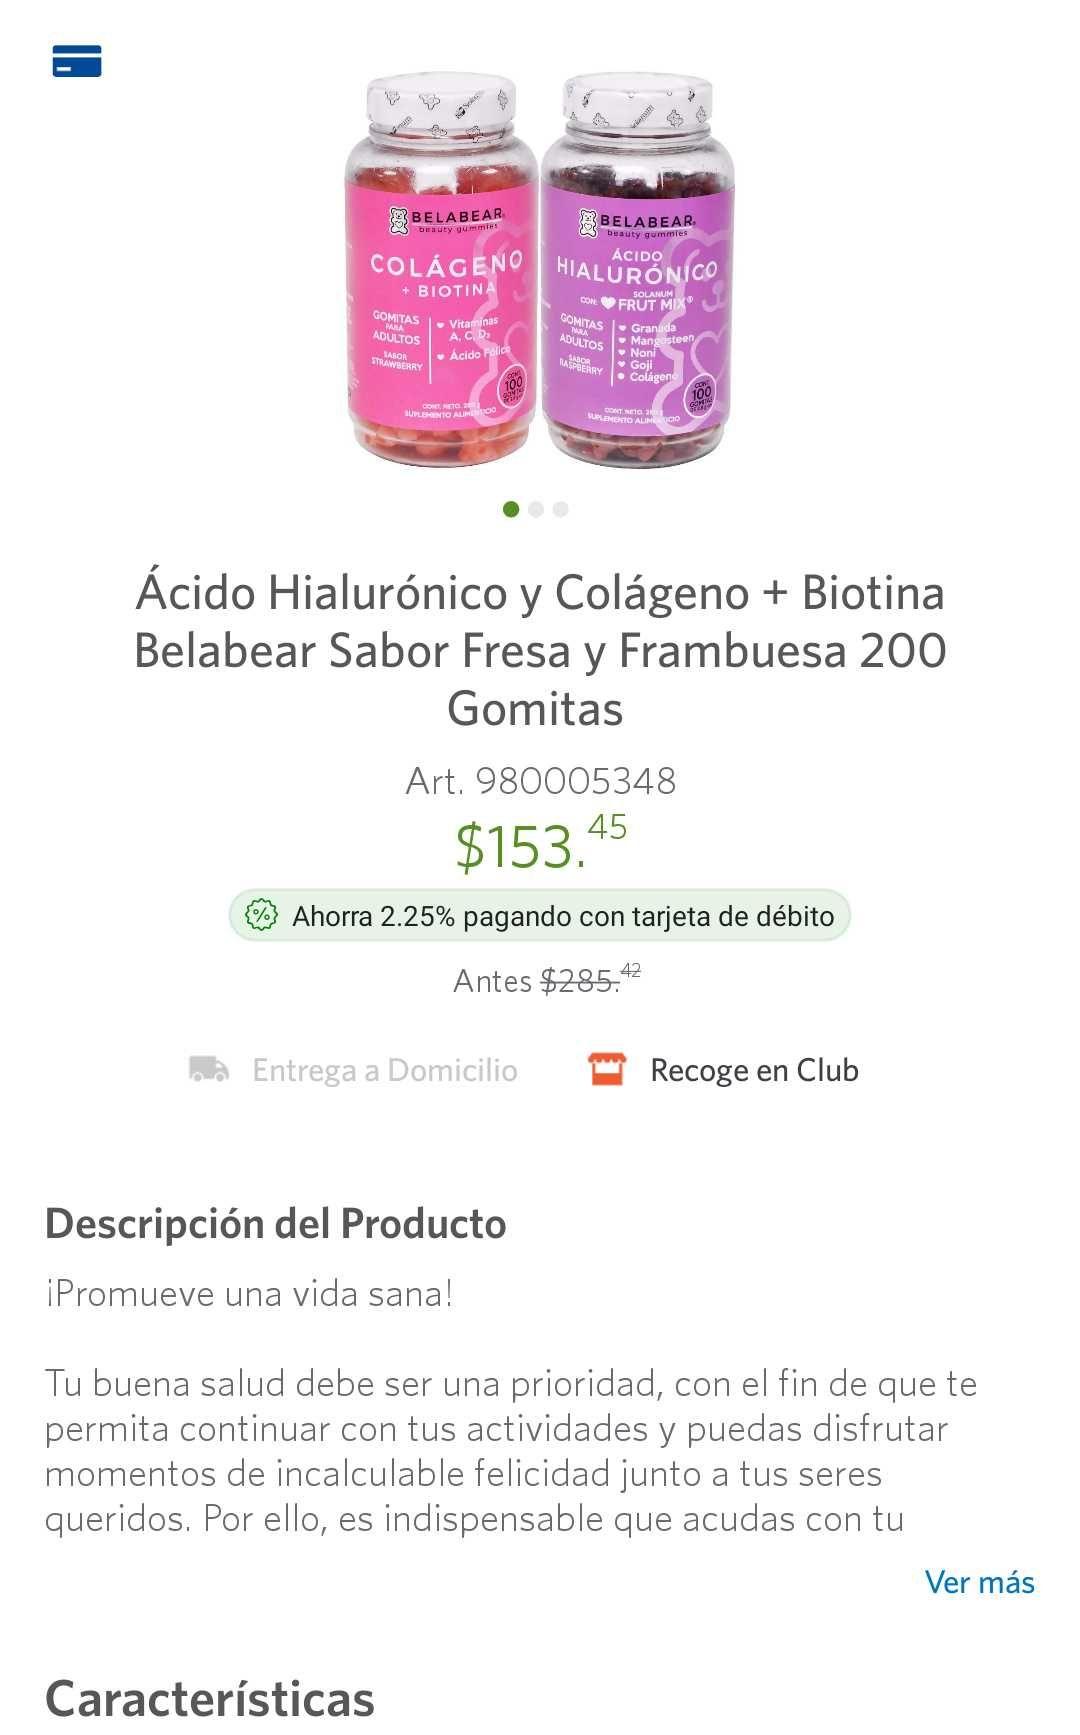 Sam's Club: gomitas belabear 2 pack de colágeno + ácido hialurónico